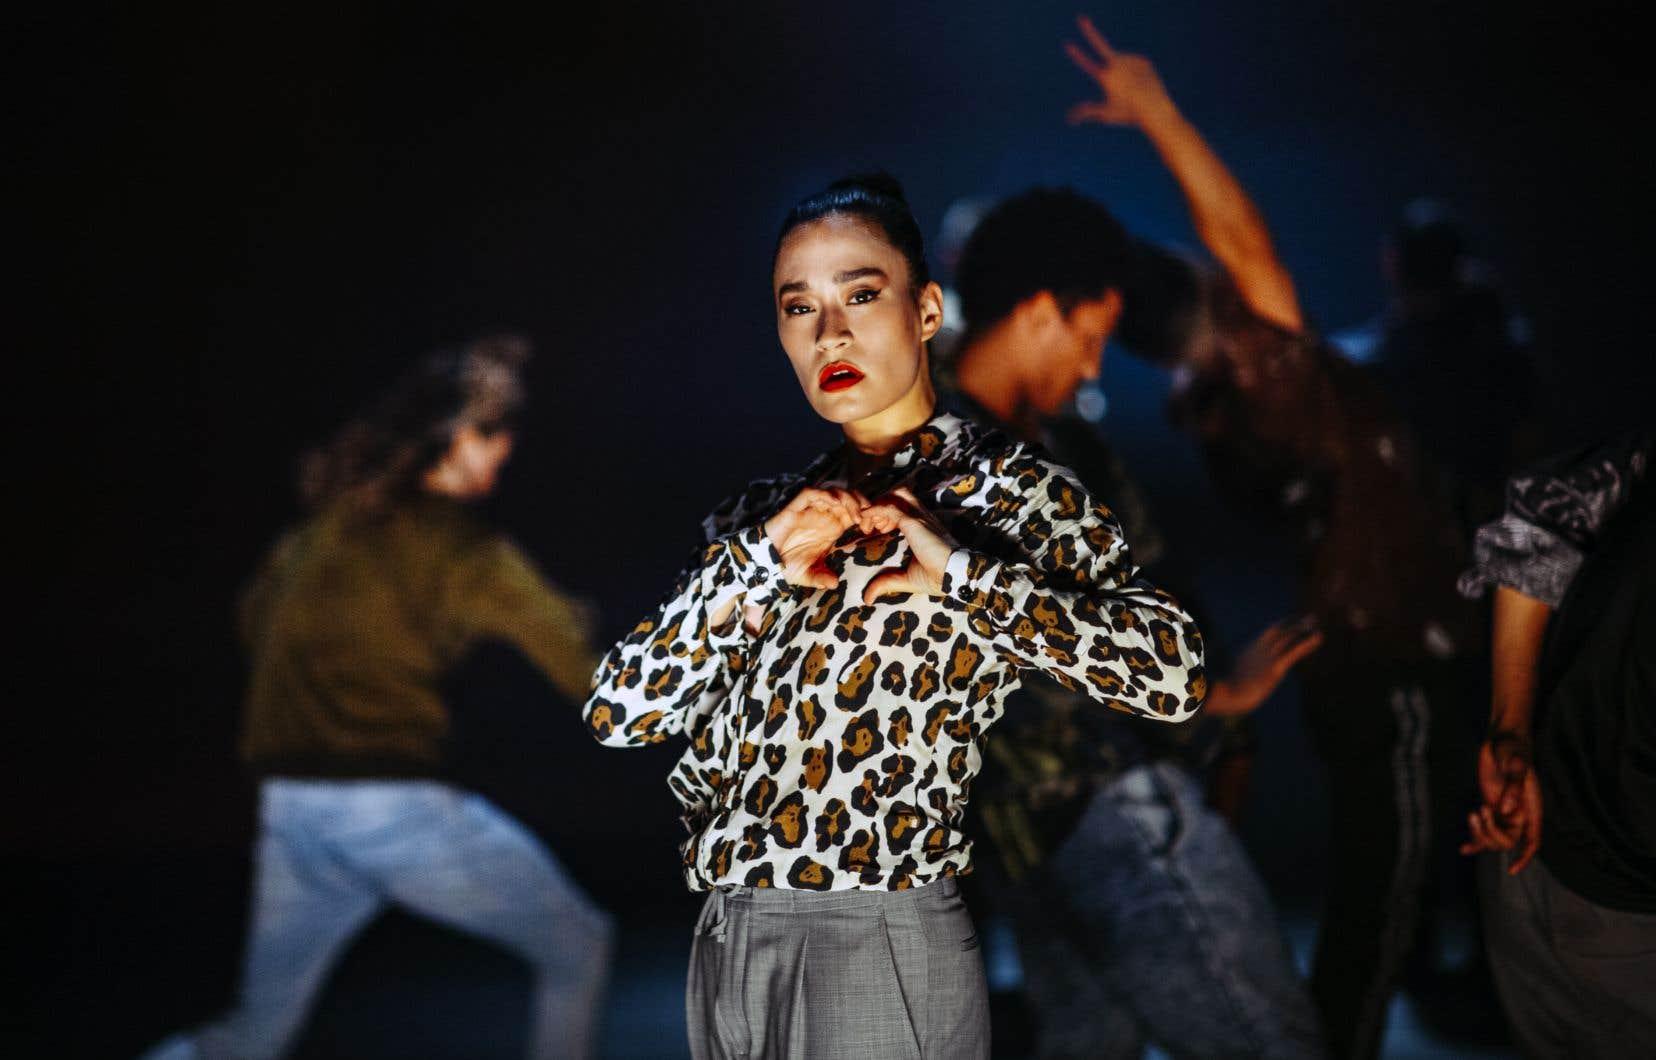 L'écriture chorégraphique de groupe de «Vladimir», qui circule aux abords de quatre panneaux de bois, se compose de nombreux registres de danse allant de multiples folklores aux danses sociales, en passant par des similis «street dances».